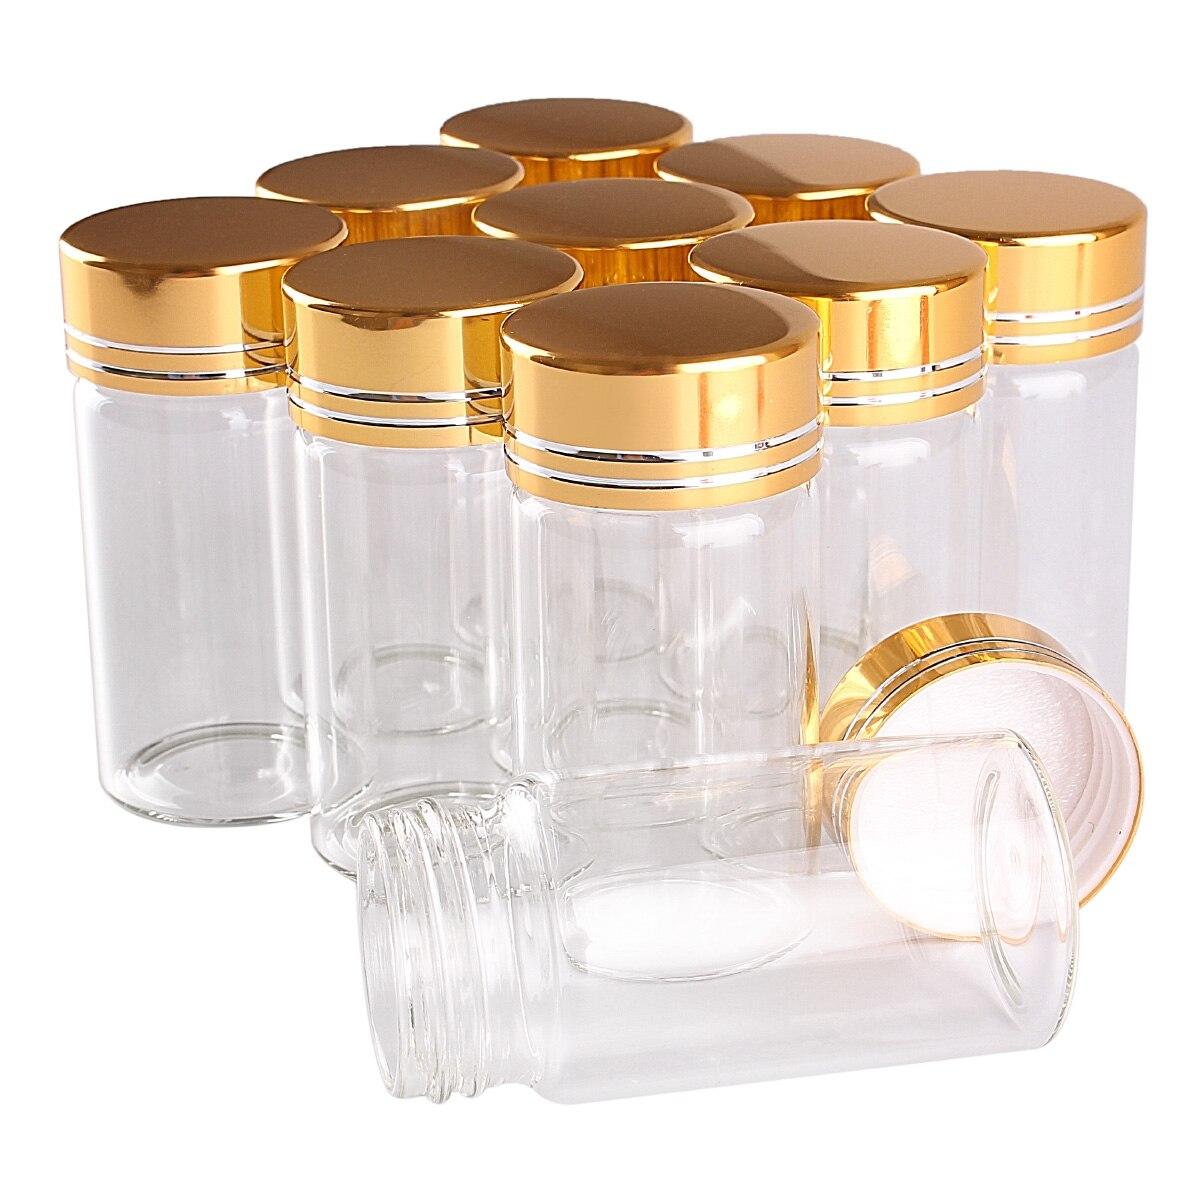 24 قارورة زجاجية شفافة ، 25 مللي ، 30 × 60 مللي متر ، مع غطاء ذهبي ، زجاجة بهارات ، عطر ، زجاج شفاف